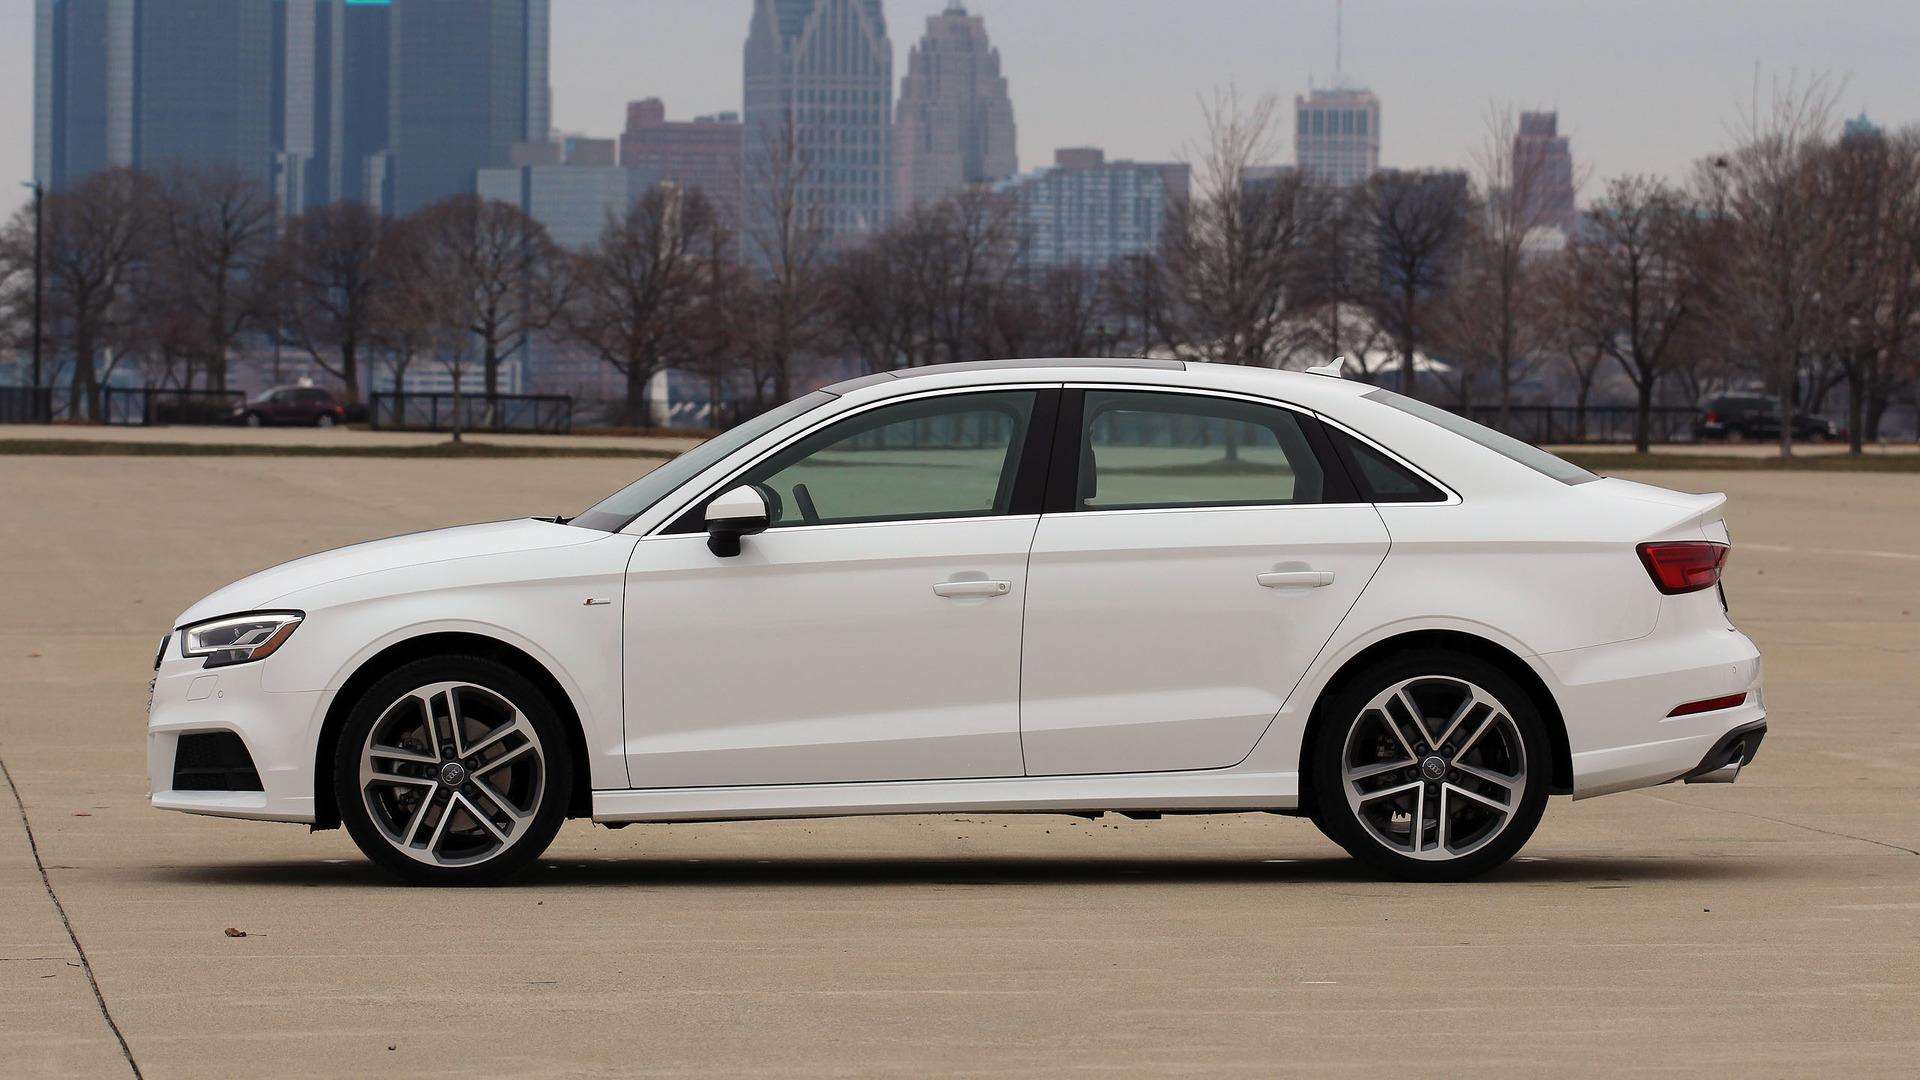 Kelebihan Kekurangan Audi A3 Sedan 2017 Top Model Tahun Ini